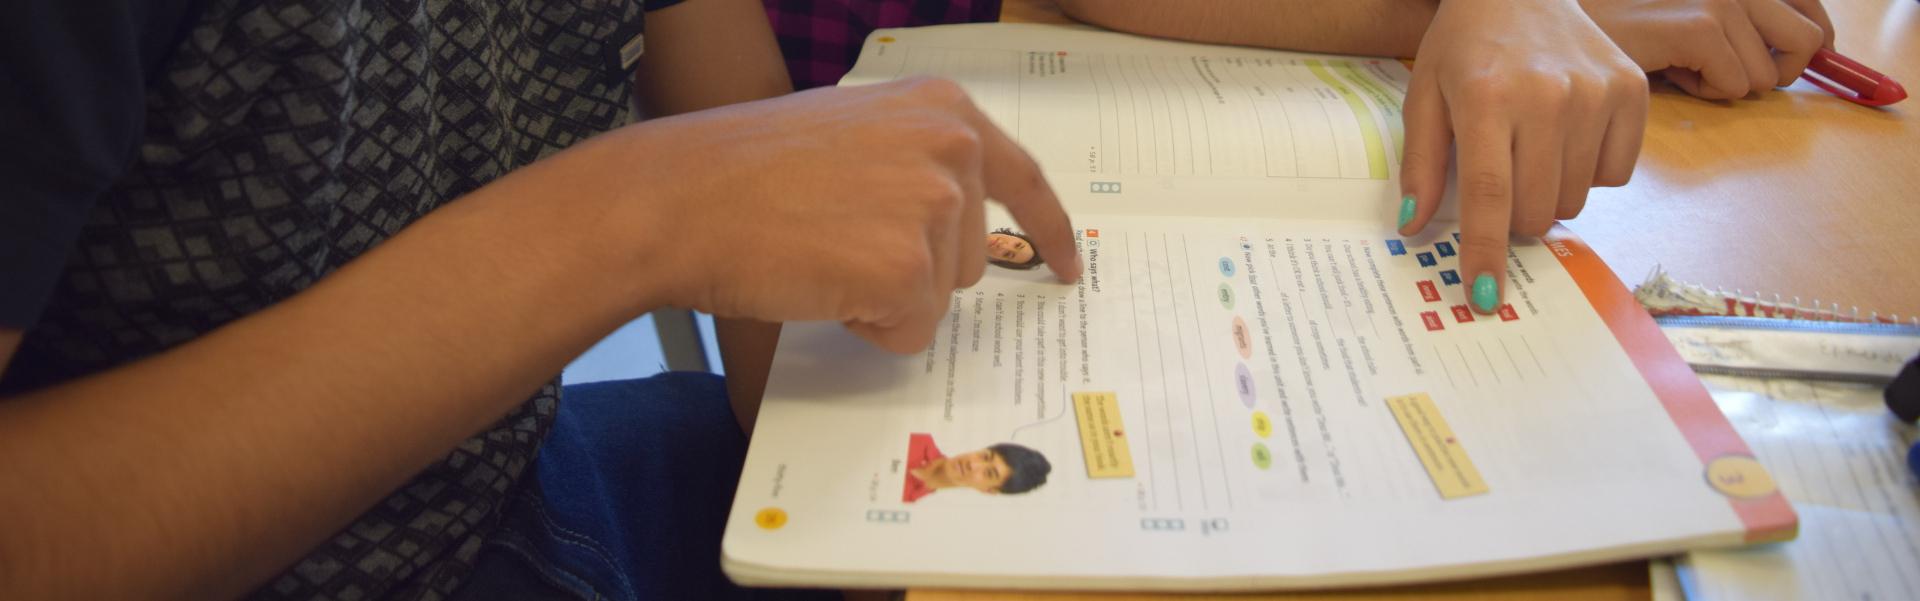 Hausaufgaben gemeinsames lernen